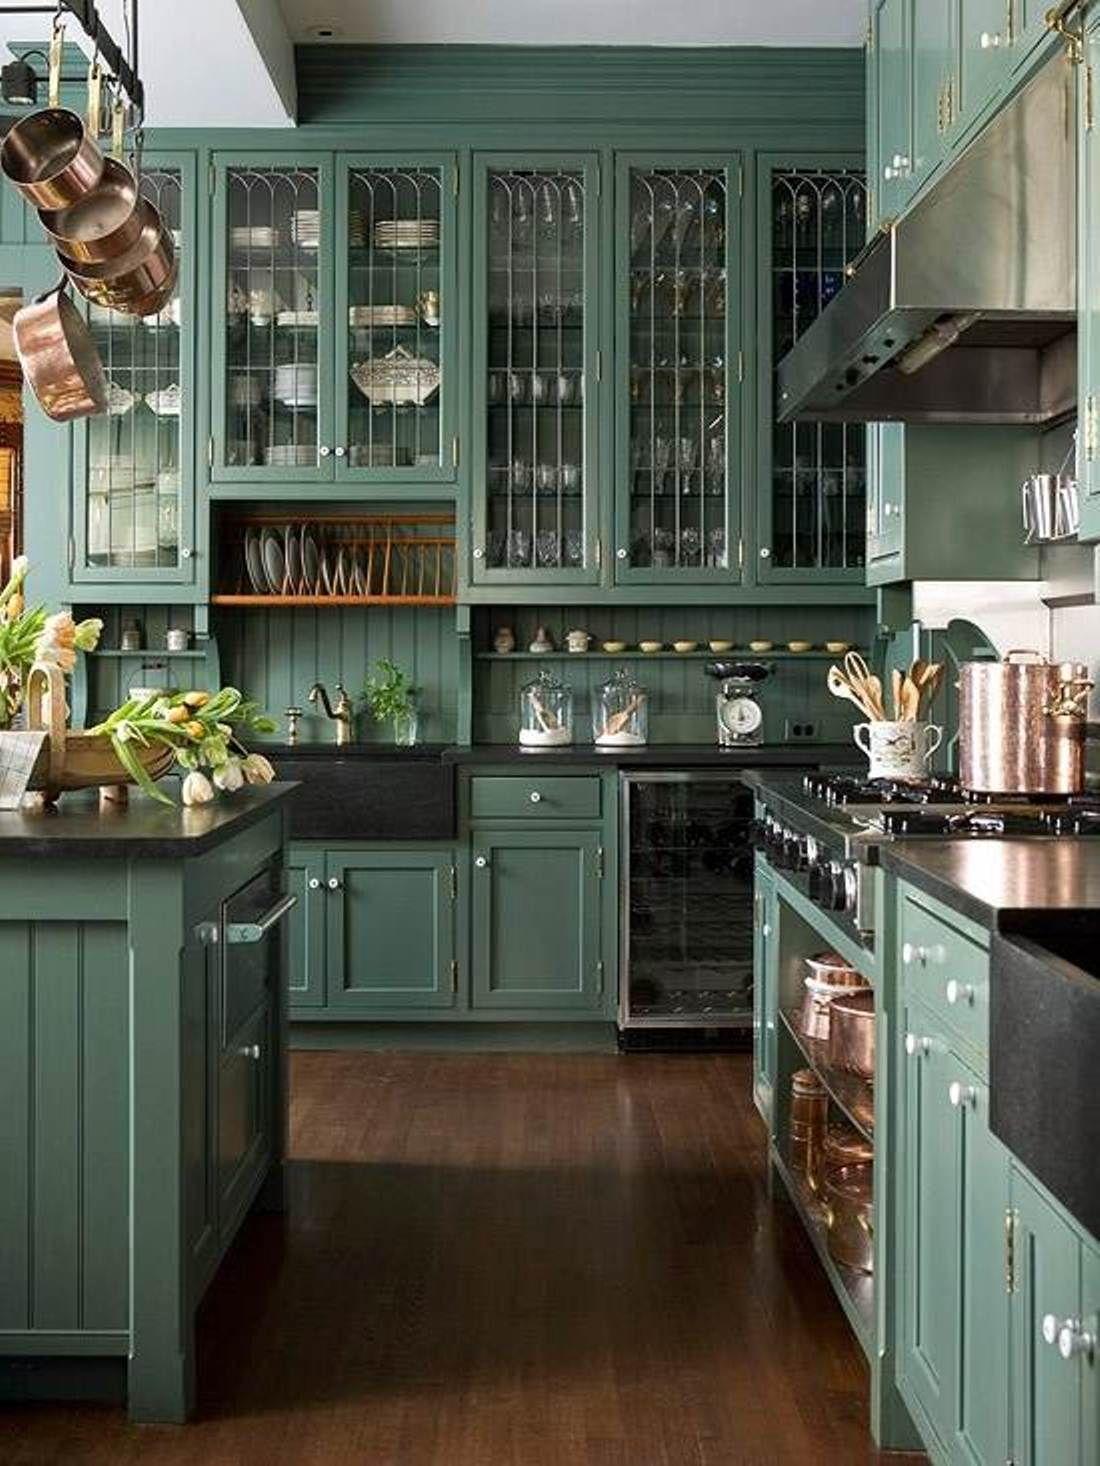 Classy Victorian Style Kitchens Dark Green Kitchen Rustic Farmhouse Kitchen Kitchen Design